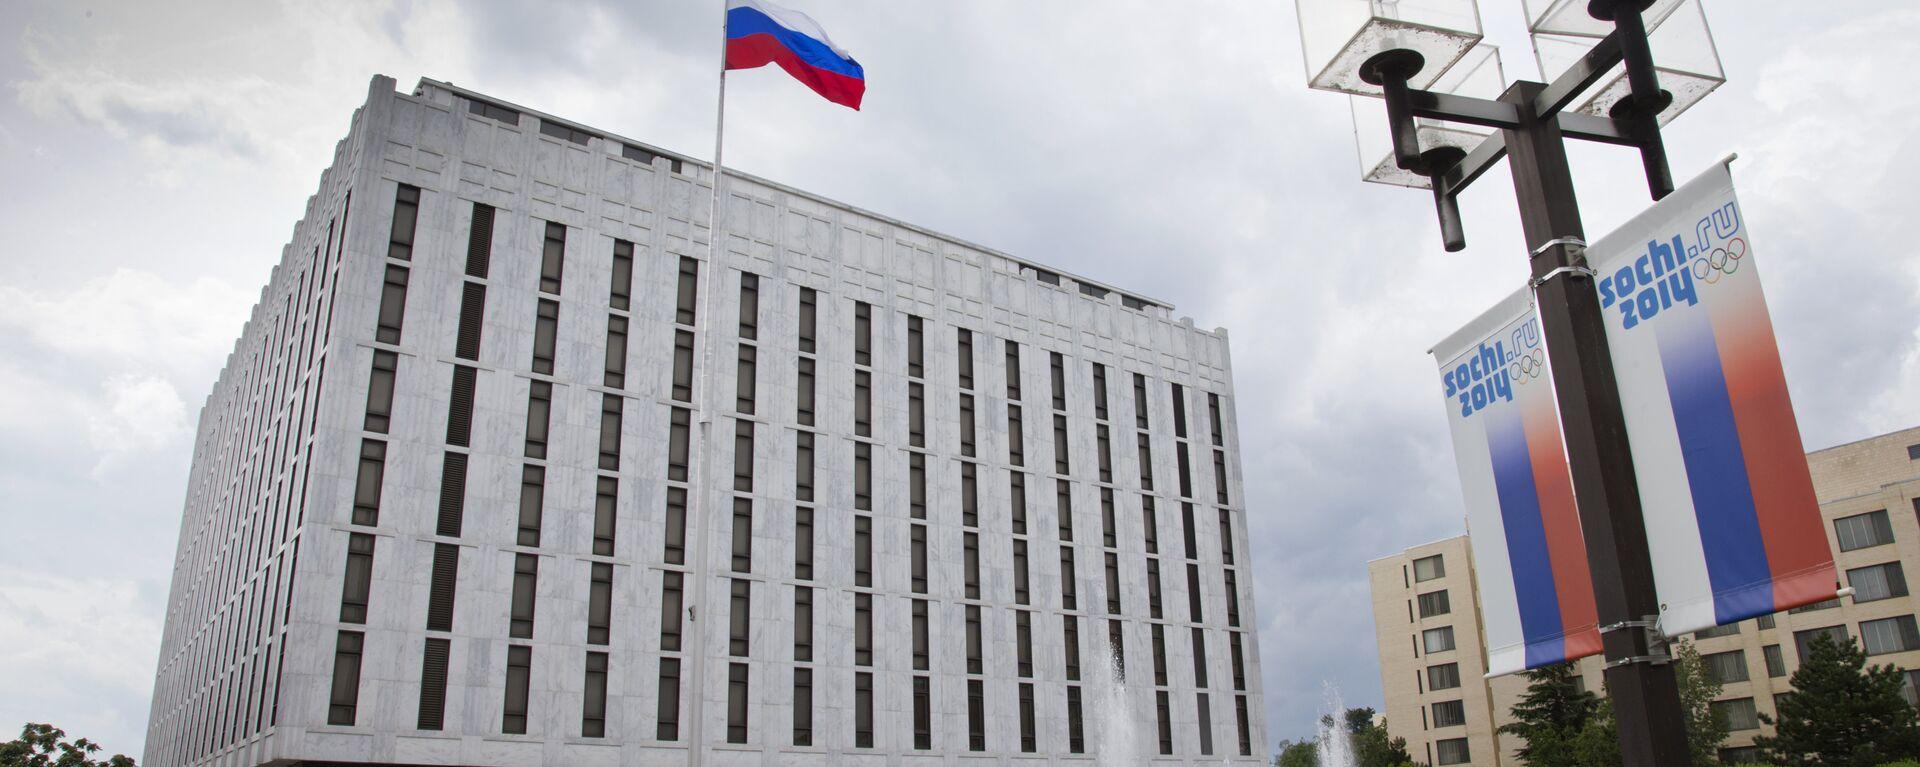 Deo kompleksa ruske ambasade  u Vašingtonu - Sputnik Srbija, 1920, 21.09.2021